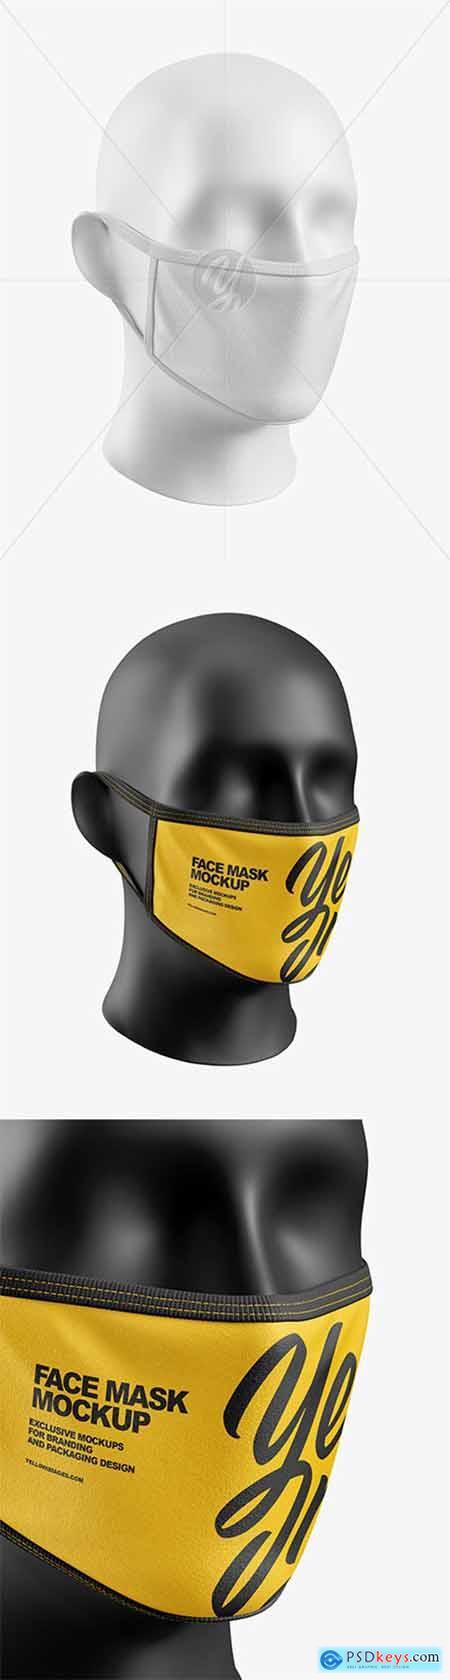 Face Mask Mockup 58114